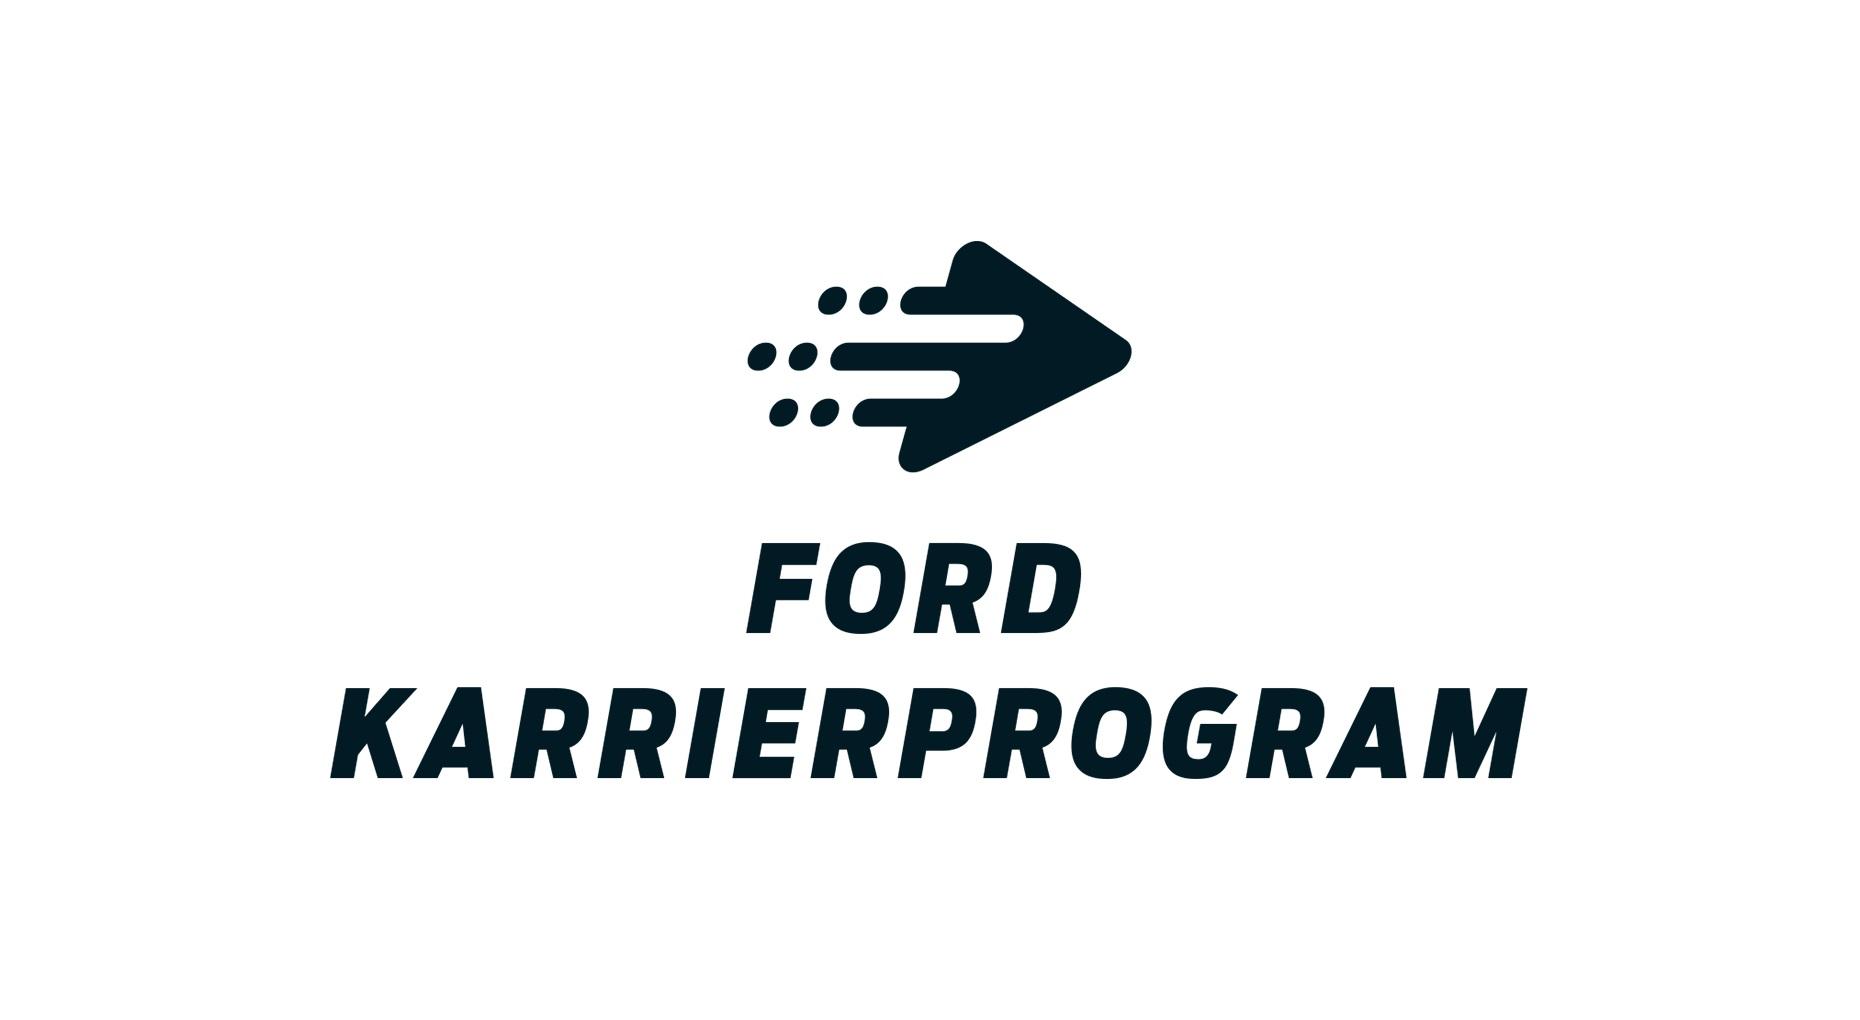 Ford Karrier